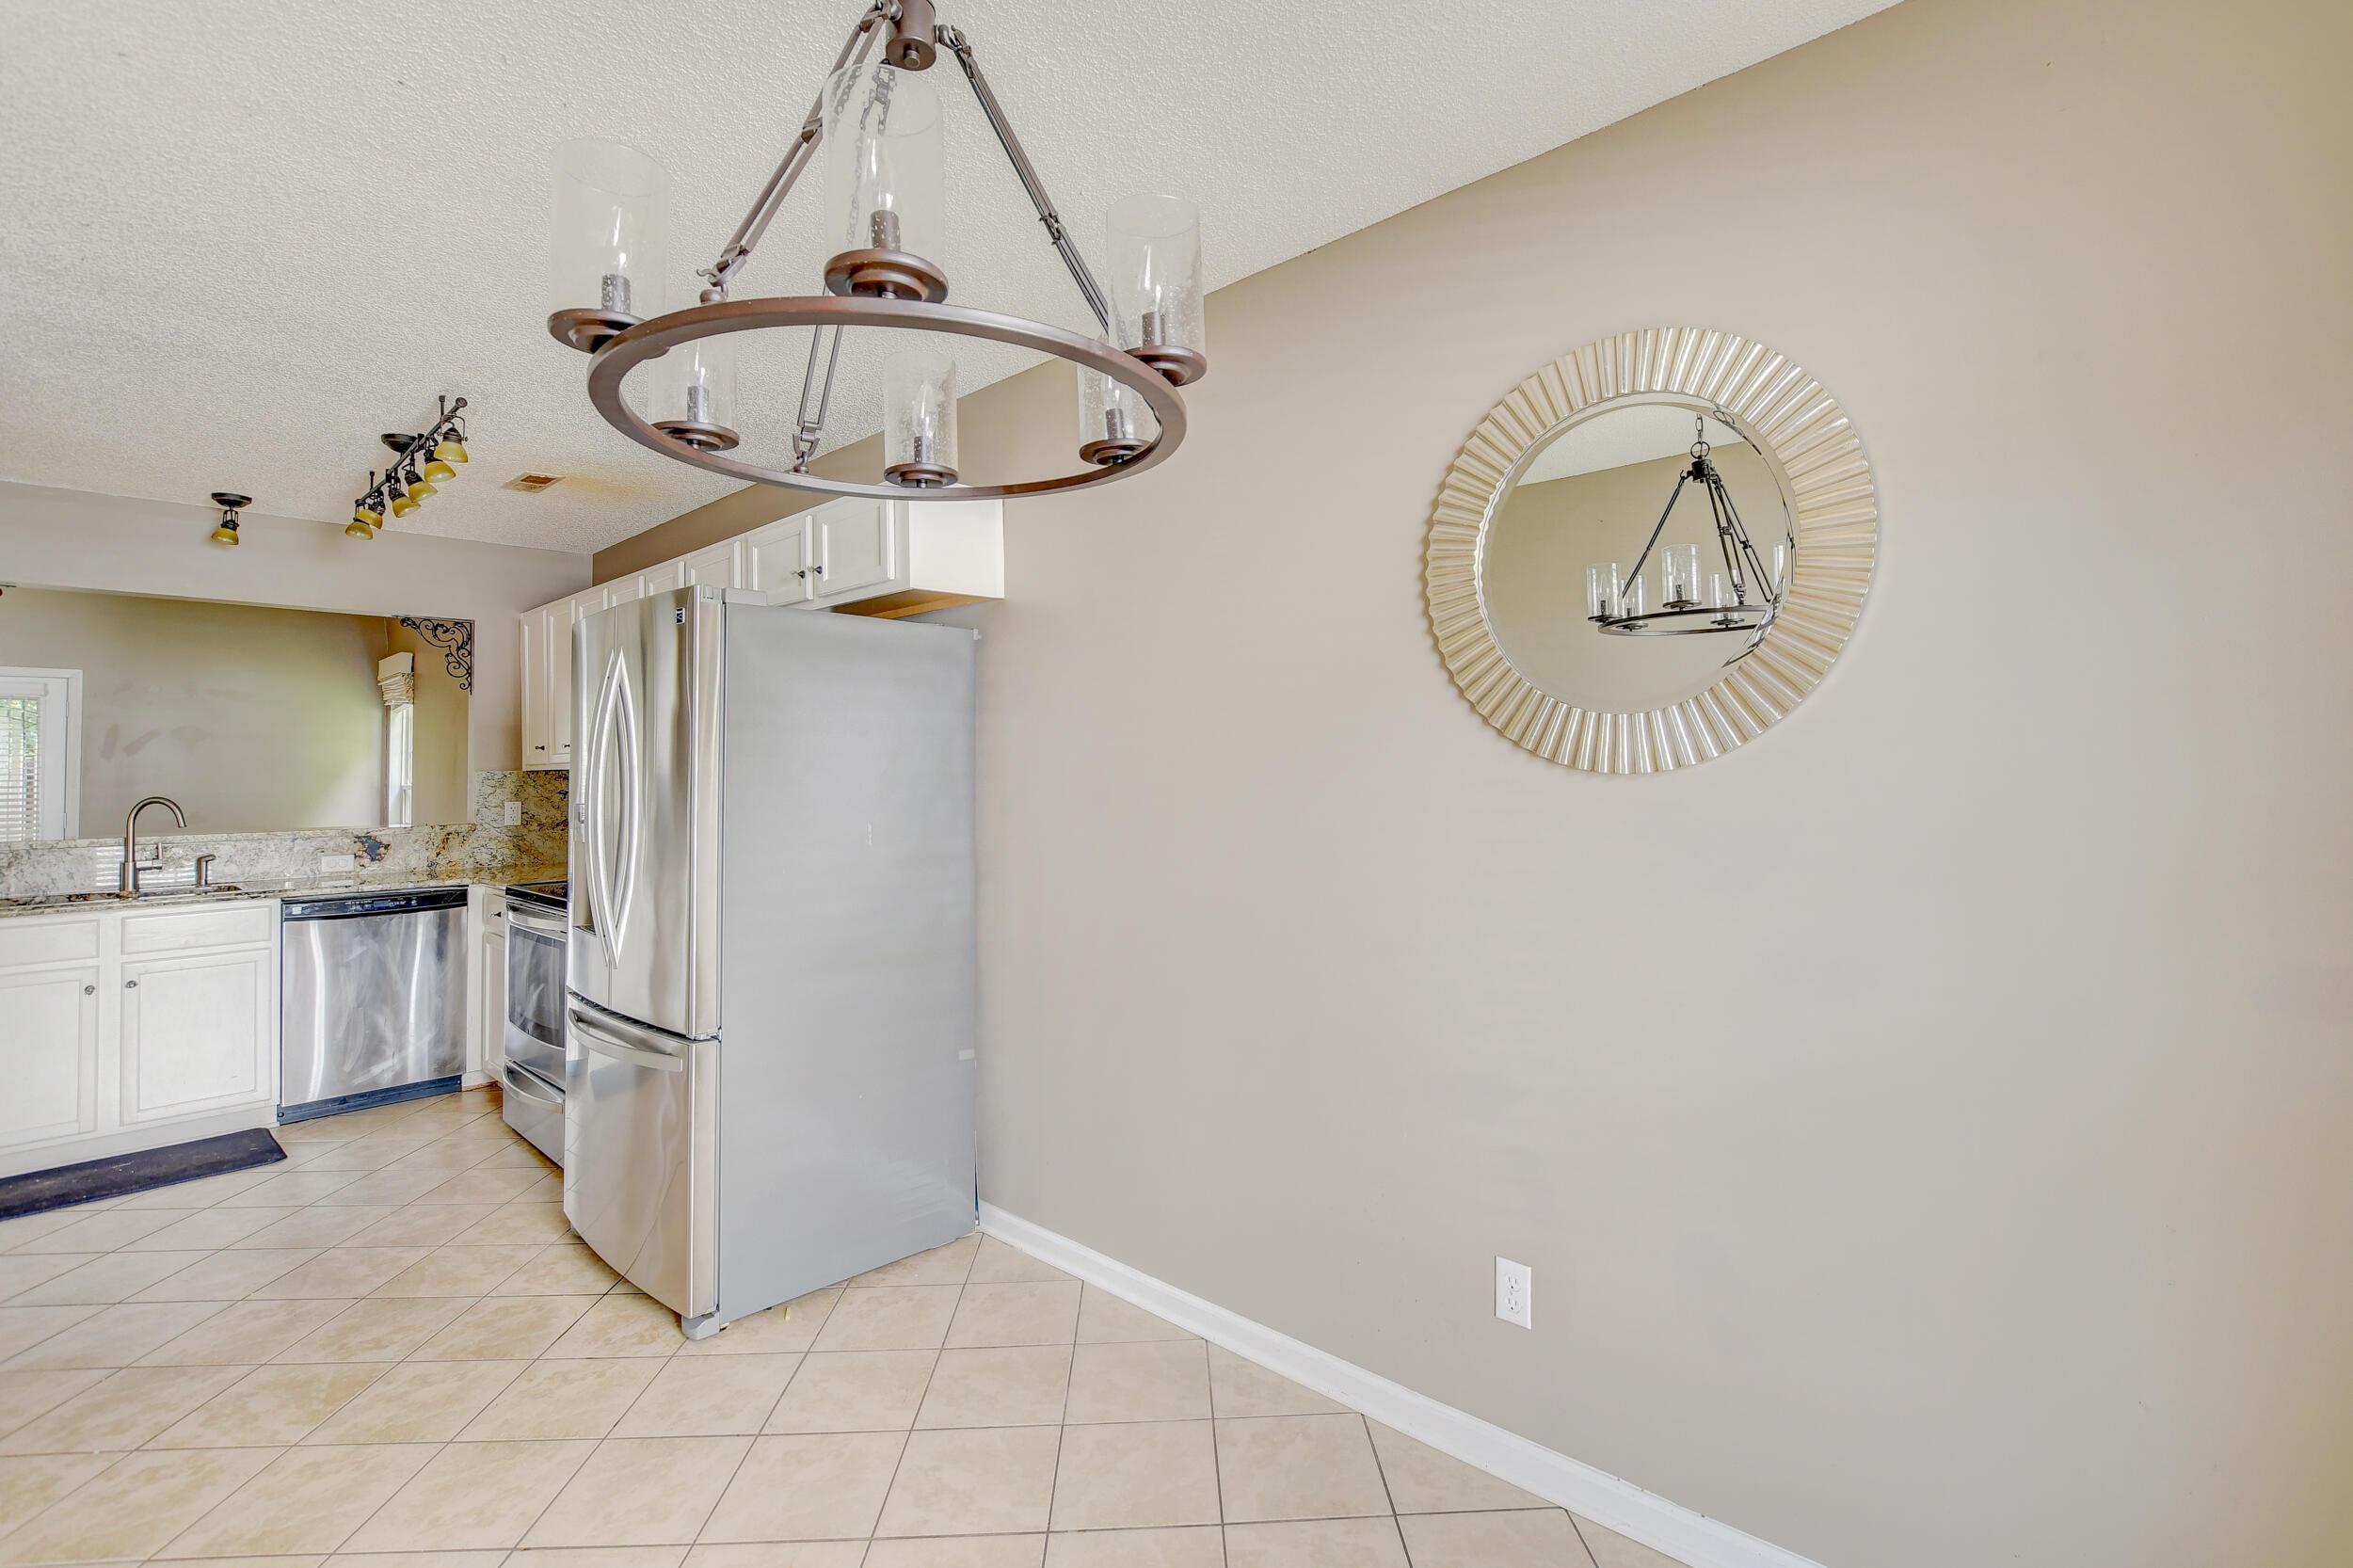 Crowfield Plantation Homes For Sale - 1010 Longview, Goose Creek, SC - 4